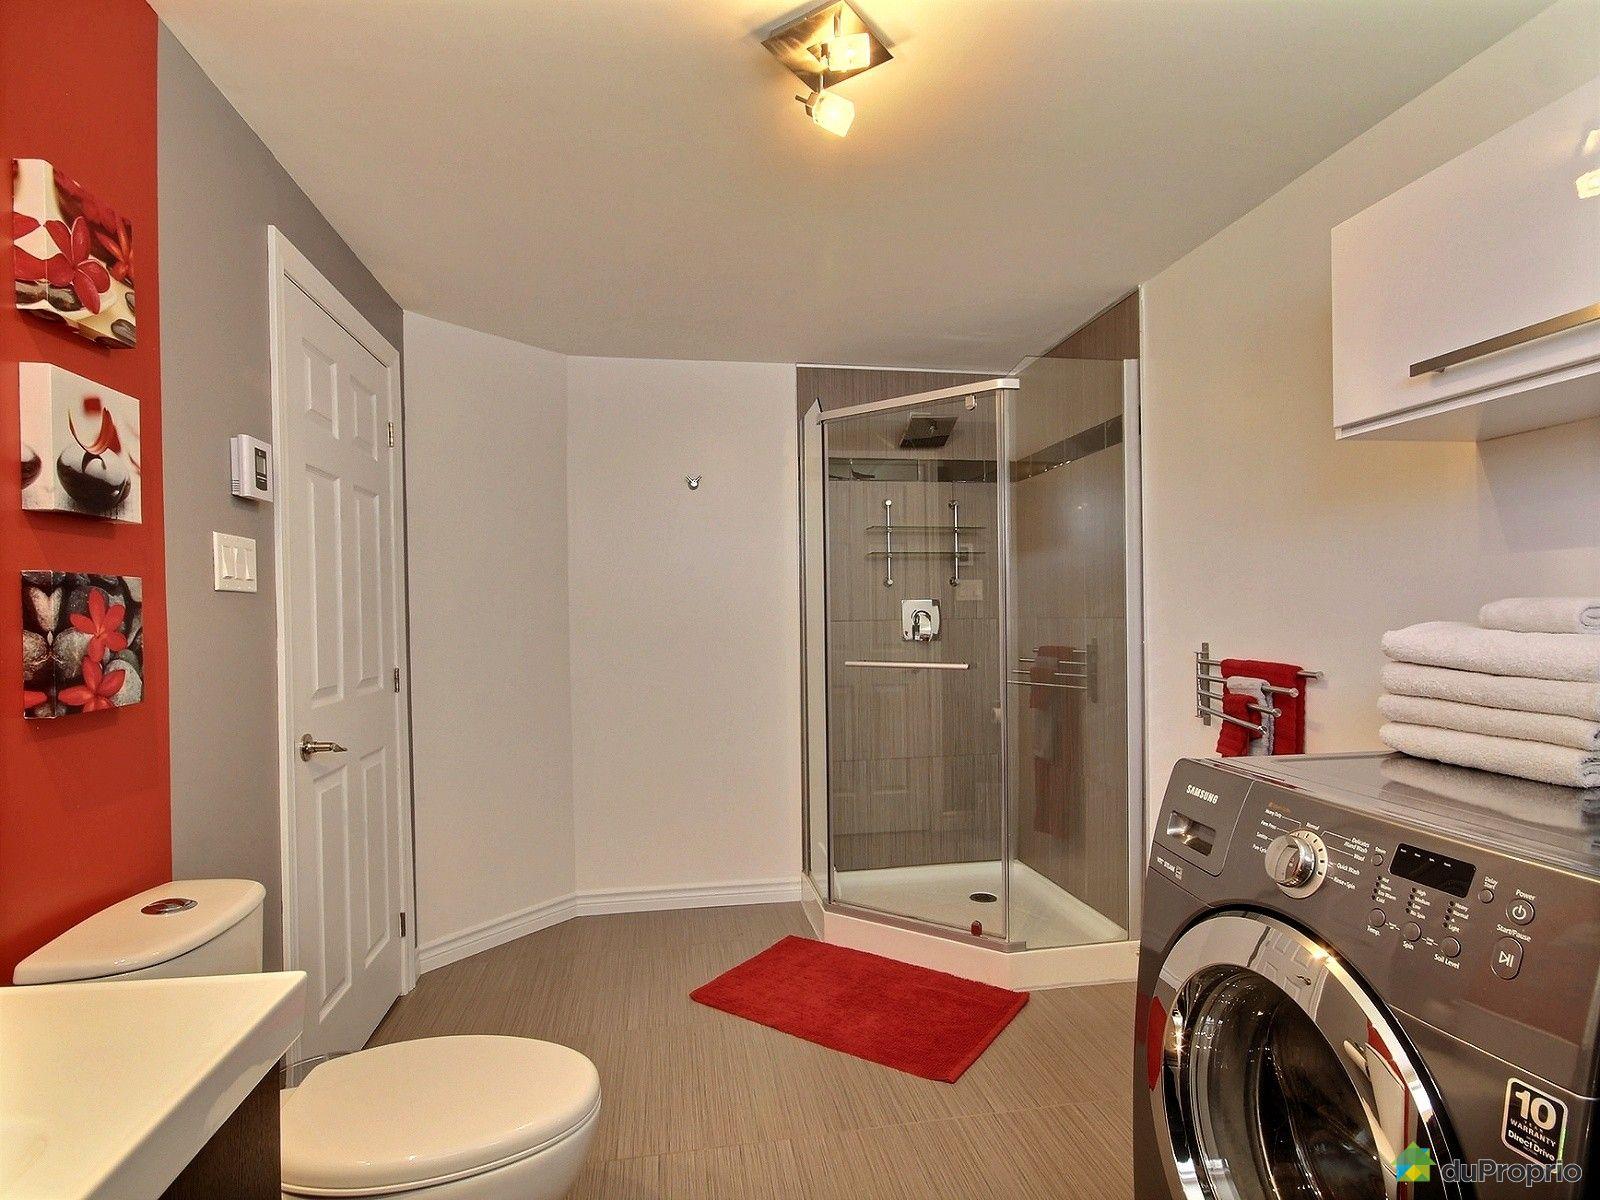 Maison vendu st j r me immobilier qu bec duproprio 697249 for Accessoire salle de bain st jerome